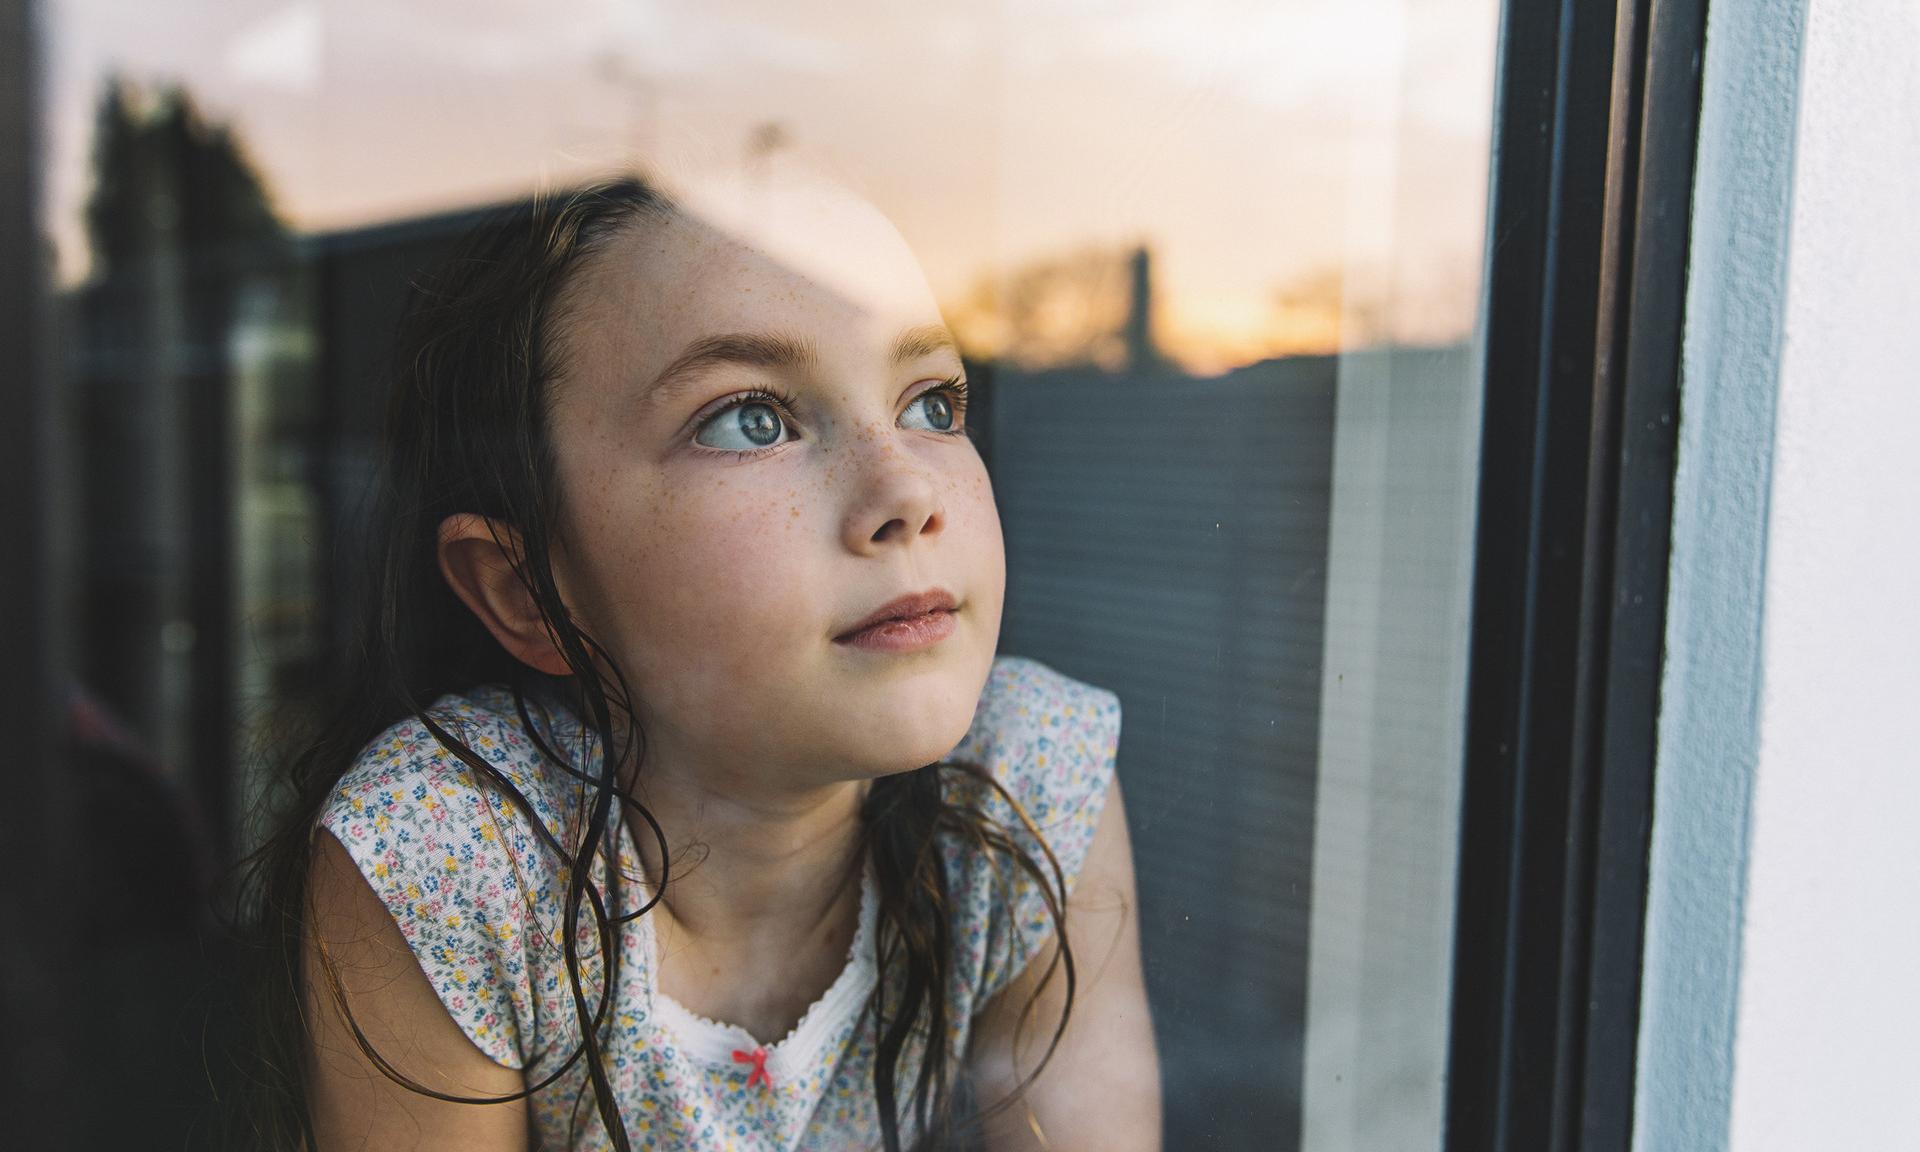 Астролог объяснила, как имя ребенка влияет на его судьбу